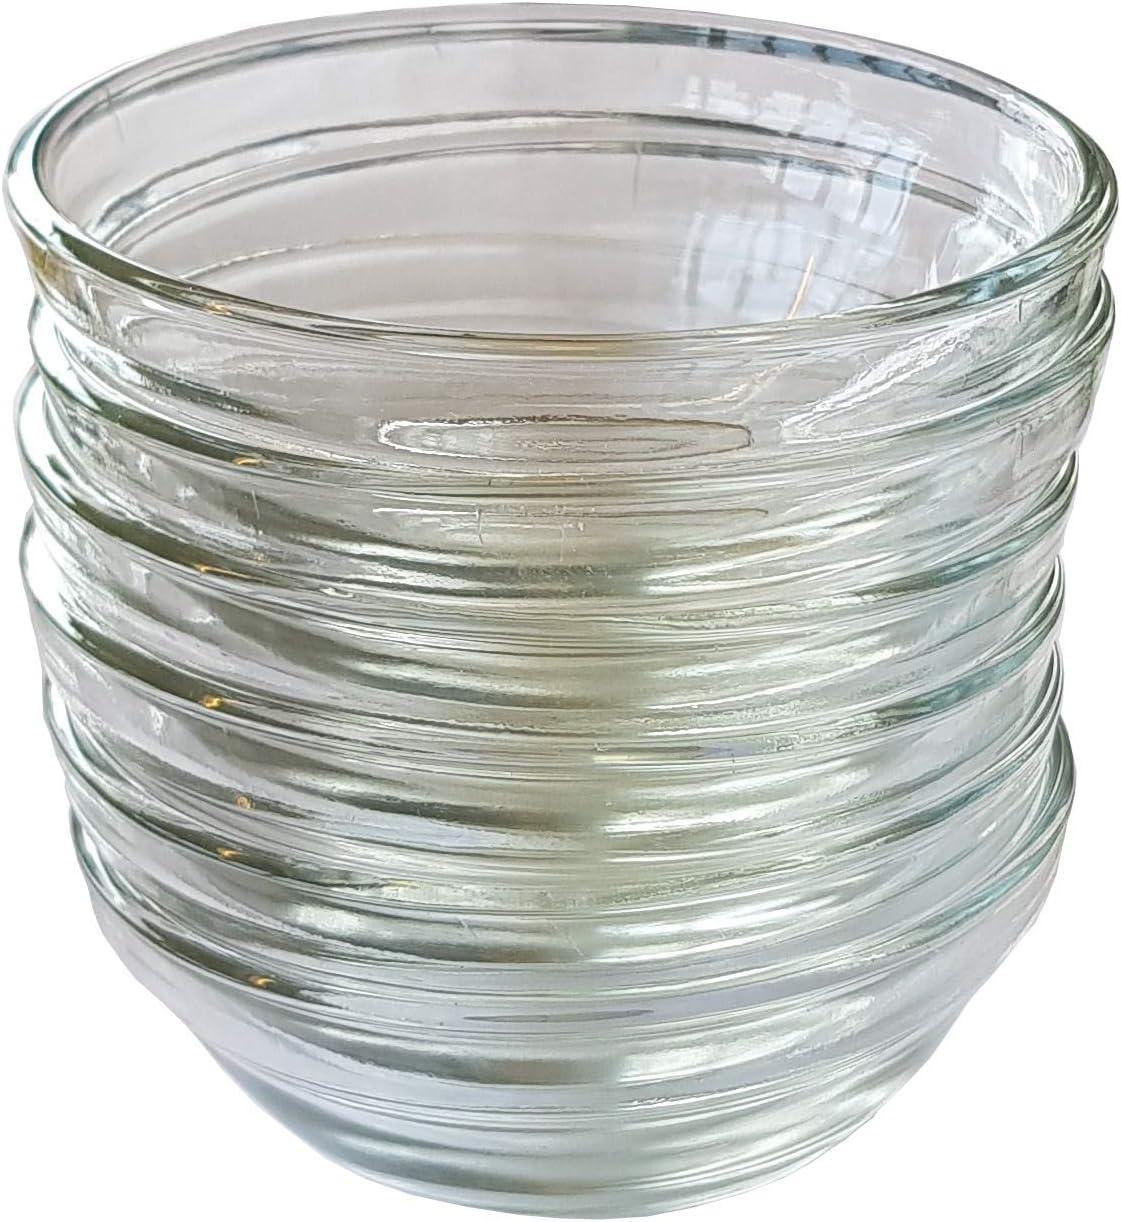 Provance 6 x Sch/üssel aus Glas /Ø 9 cm Glassch/älchen Dipschale Dessertschale Tapasschale